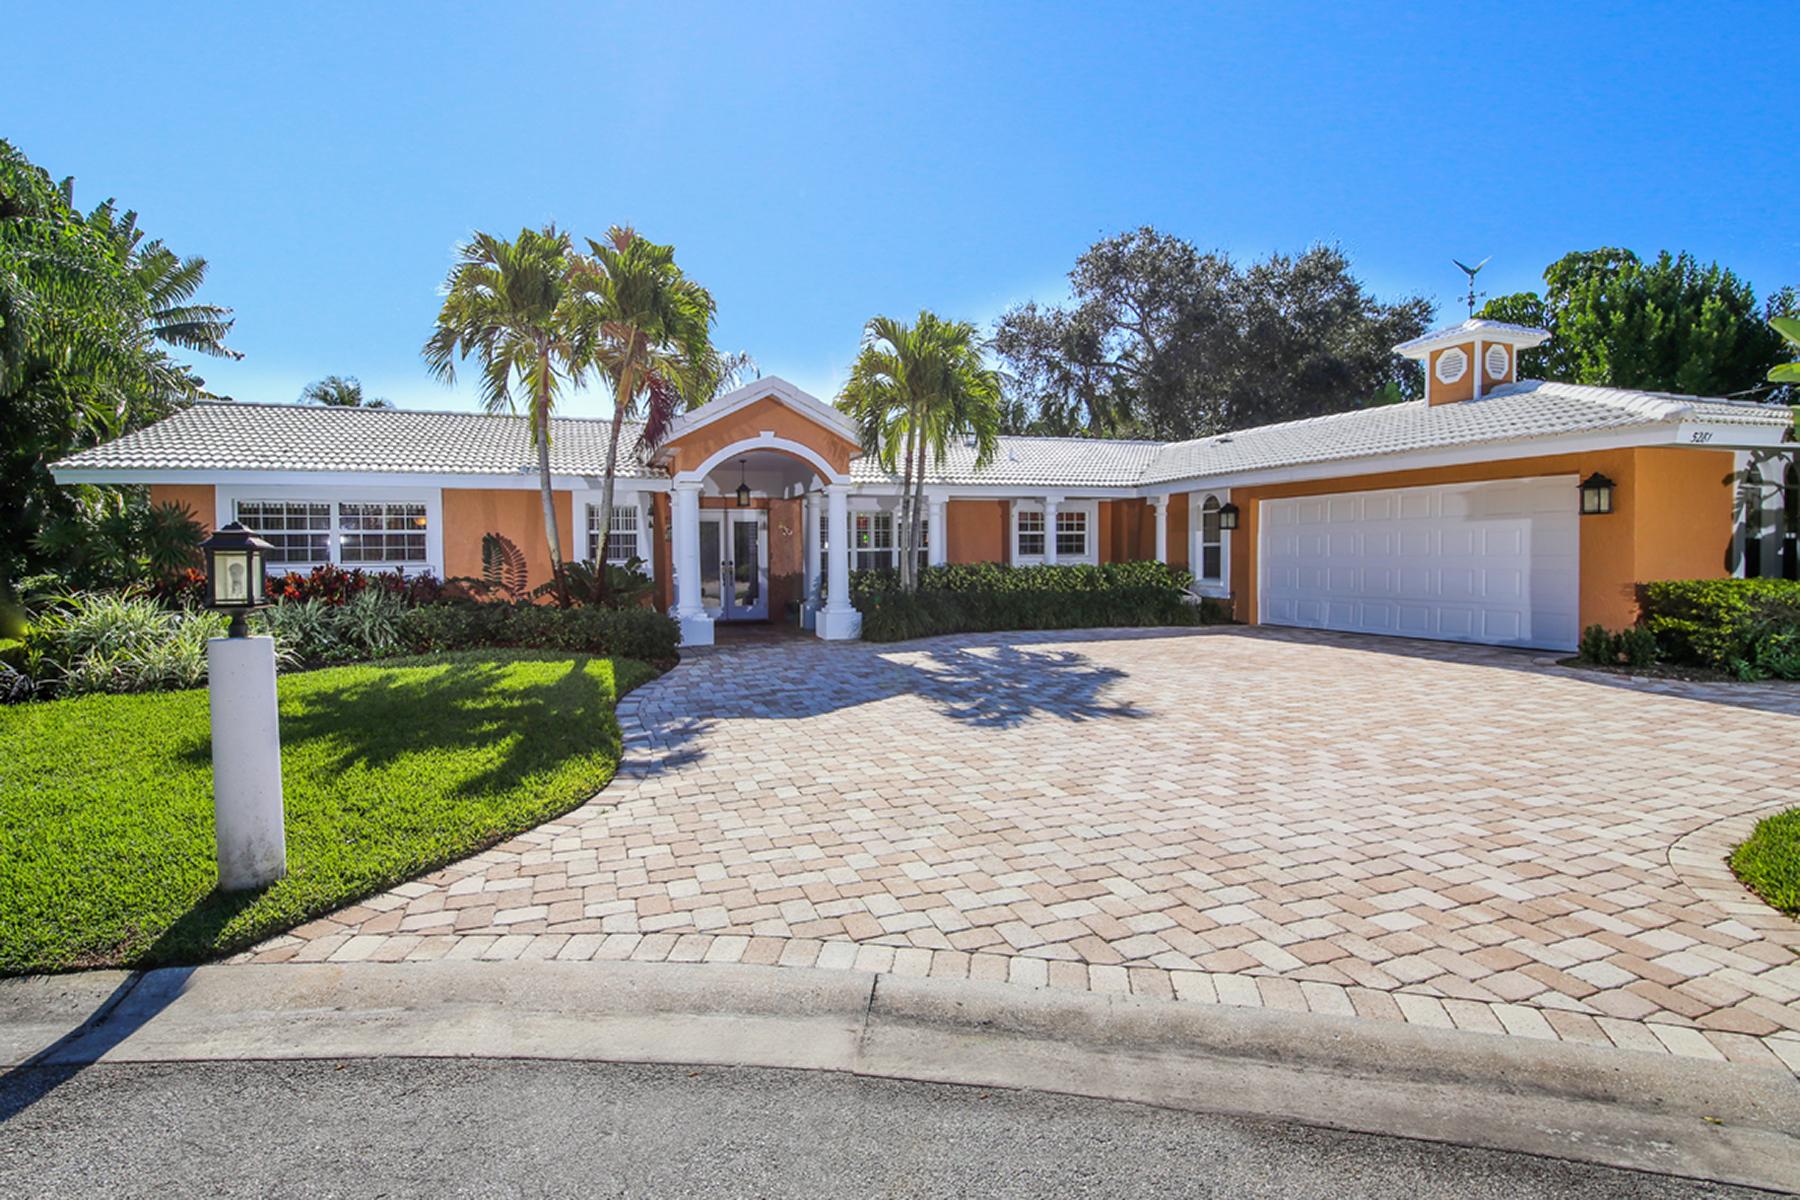 Casa para uma família para Venda às SIESTA ISLES 5281 Cape Leyte Way Sarasota, Florida, 34242 Estados Unidos